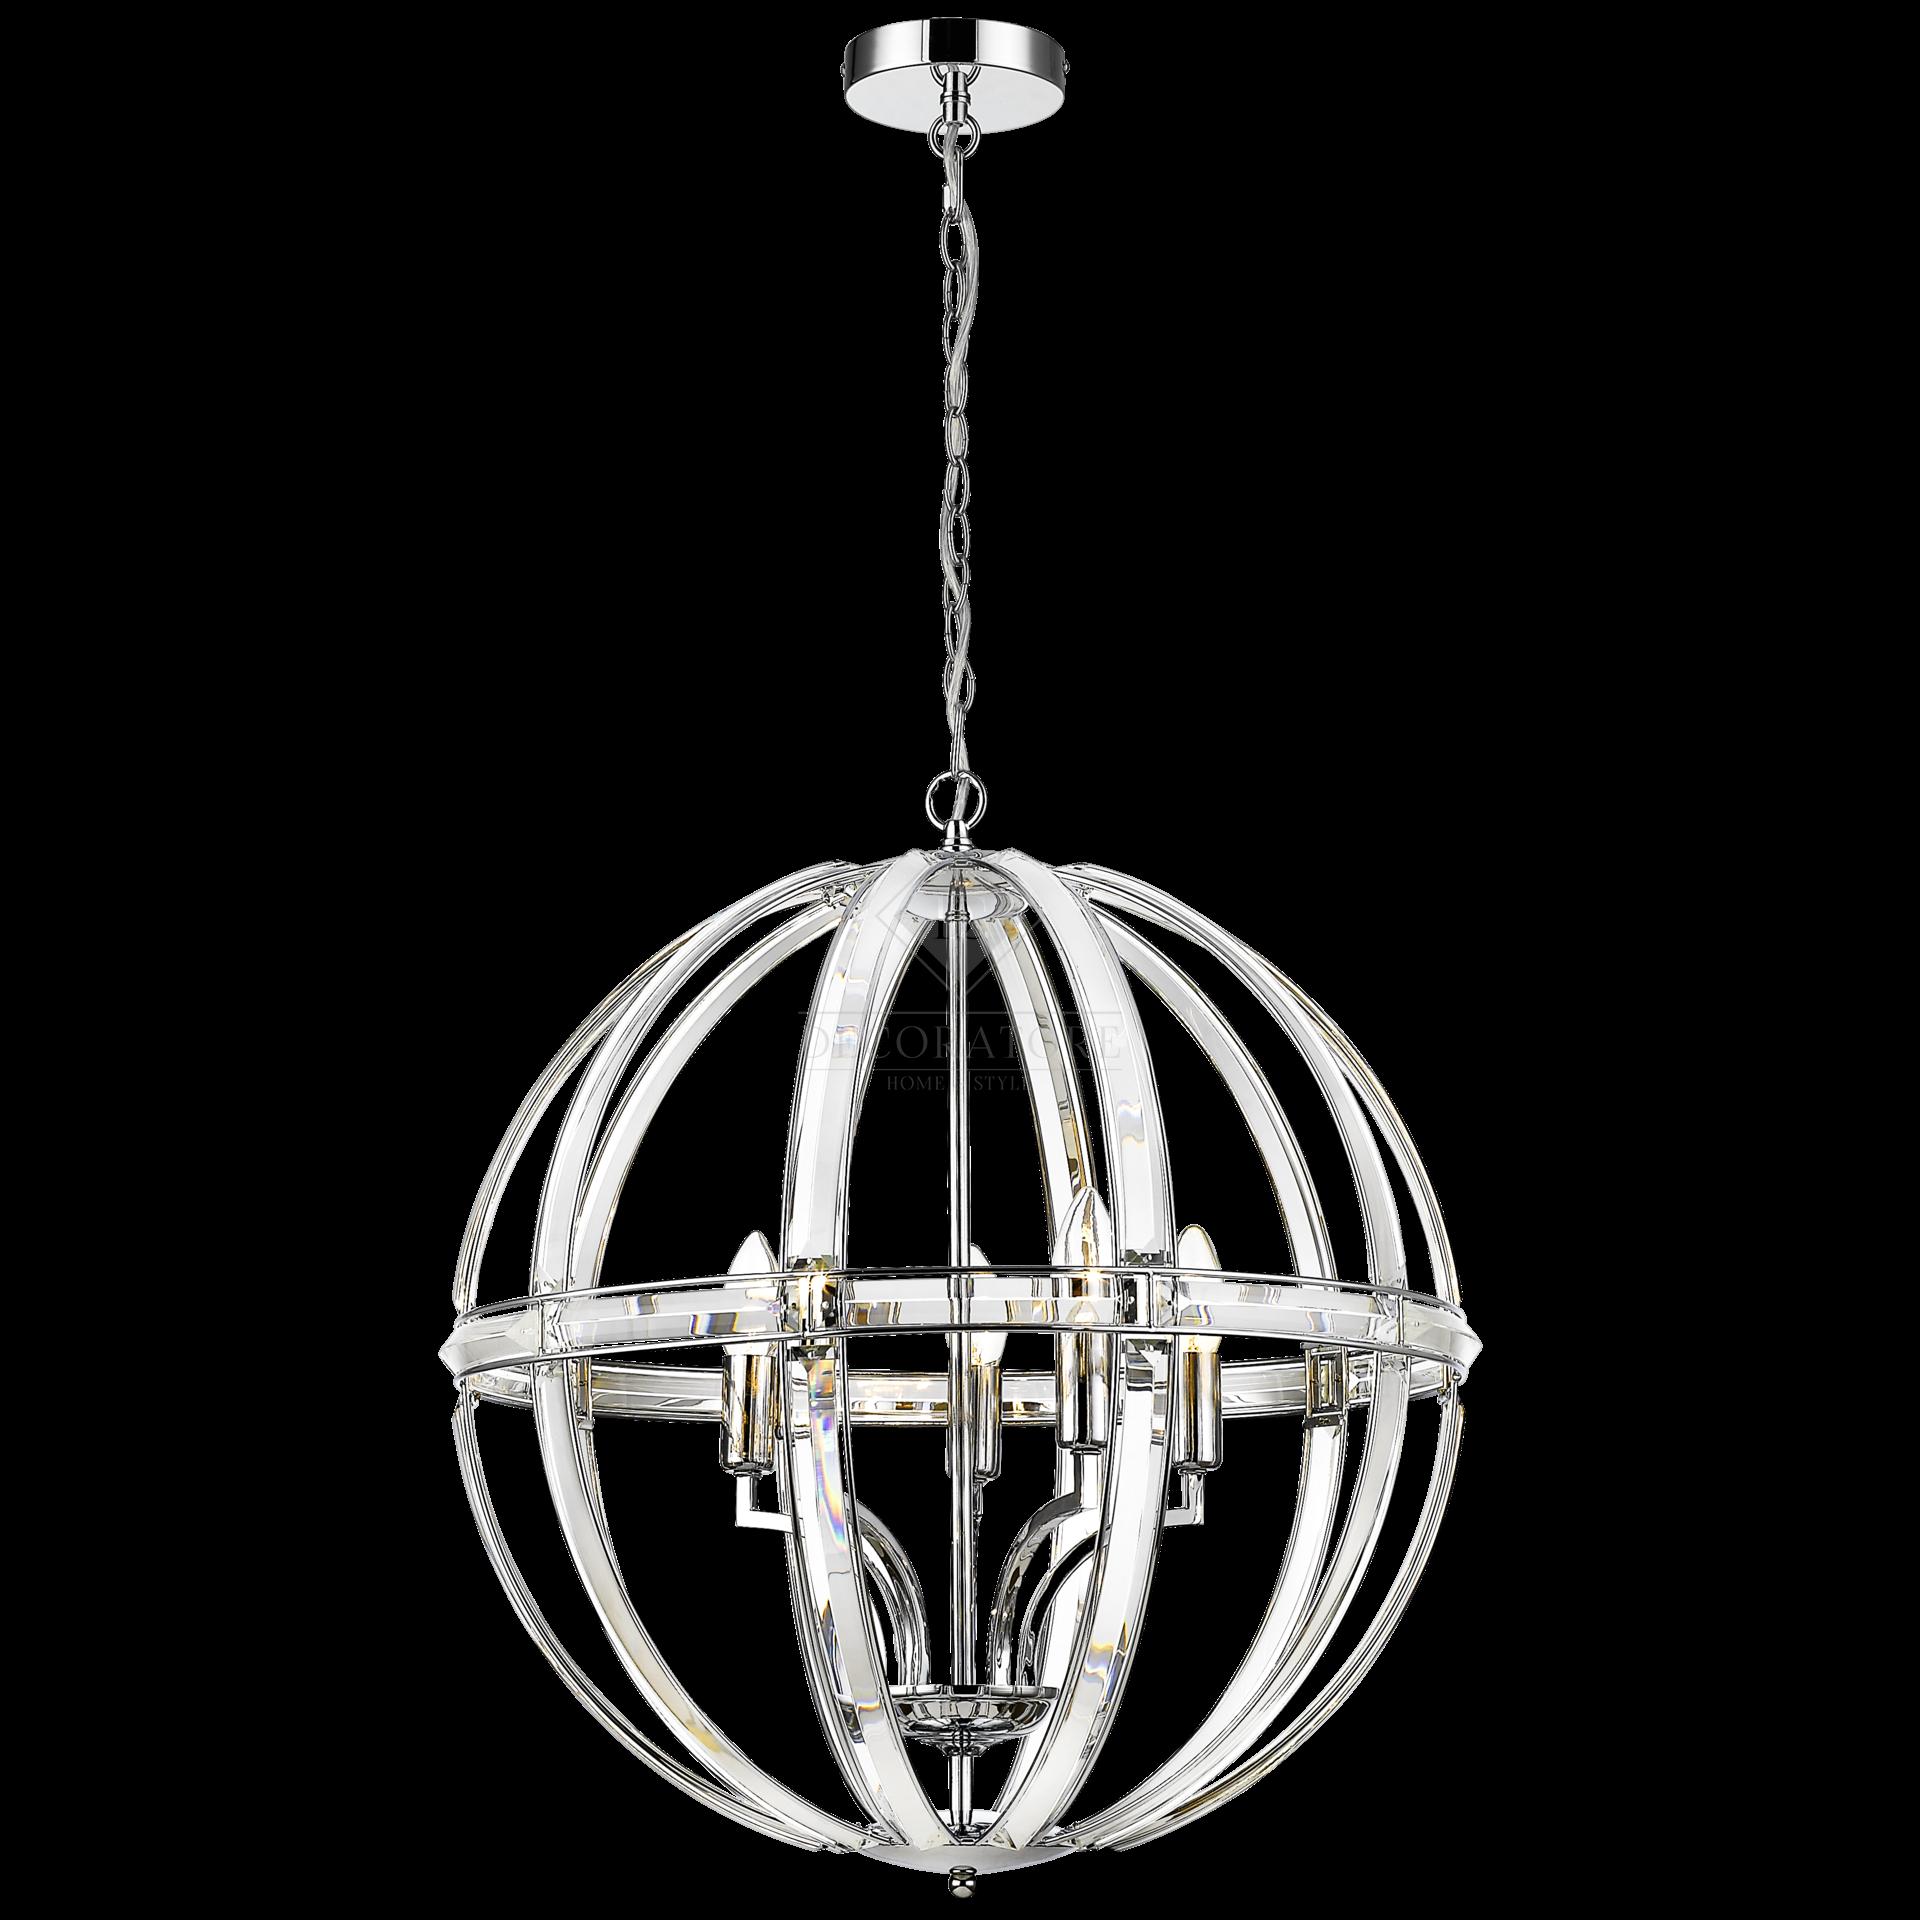 Lampa Sufitowa Wisząca Orlando II Chrom, Kryształ 62,1x62,1x69,4cm